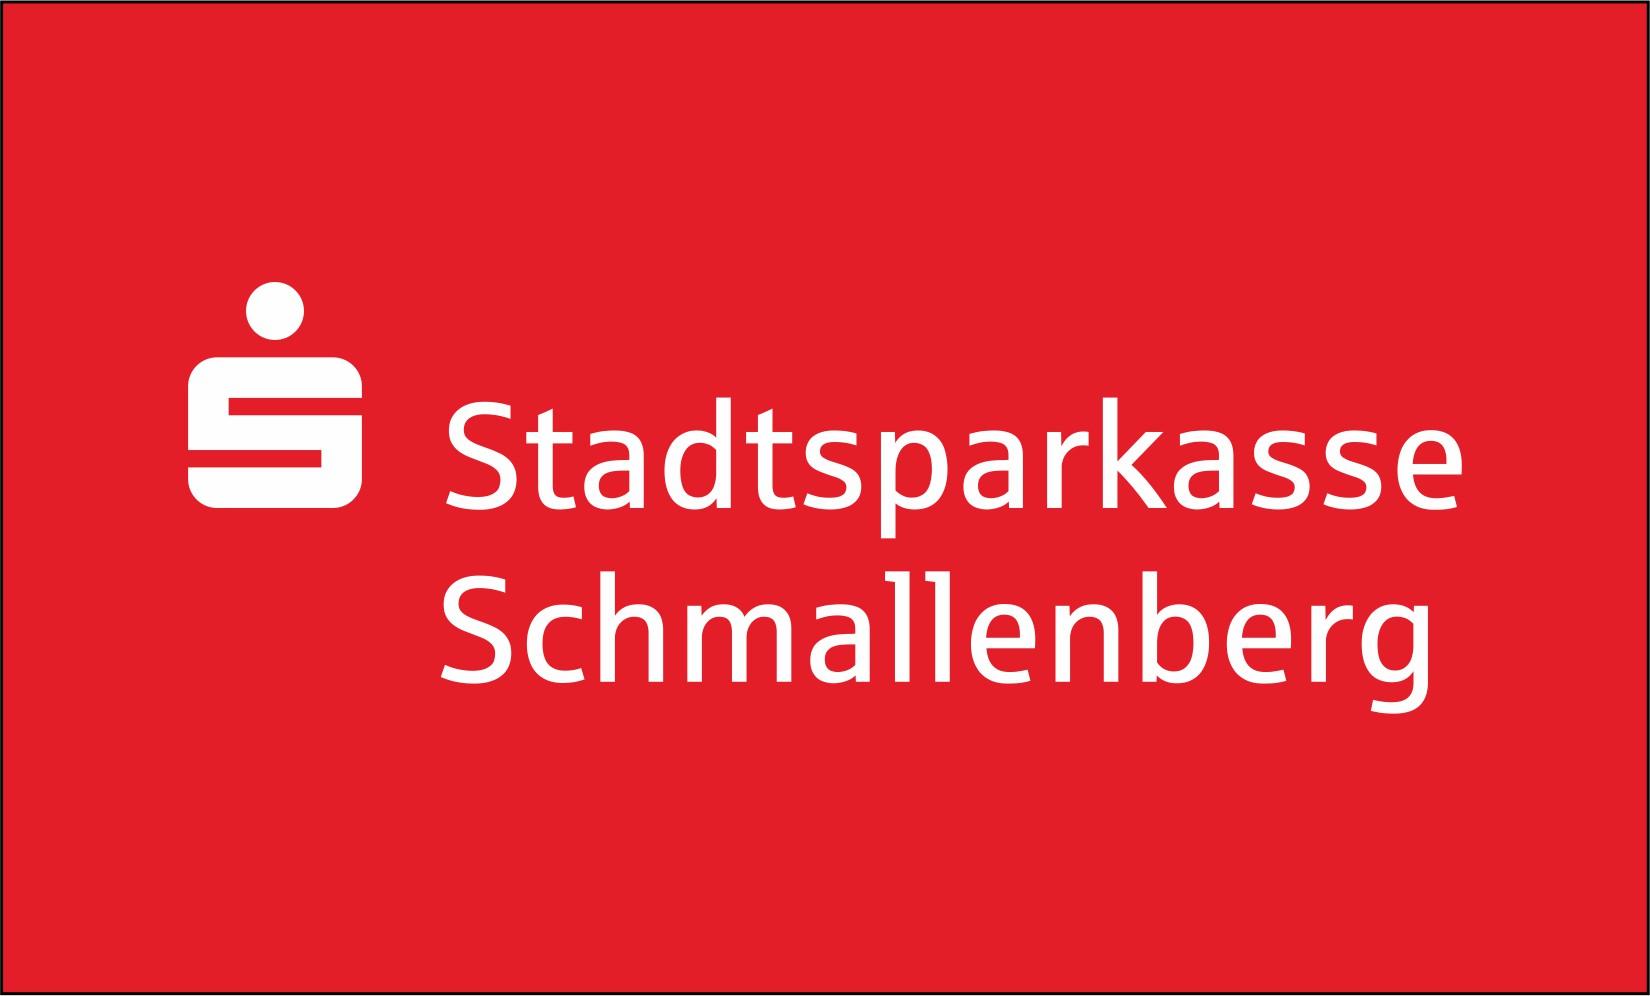 Stadtsparkasse Schmallenberg